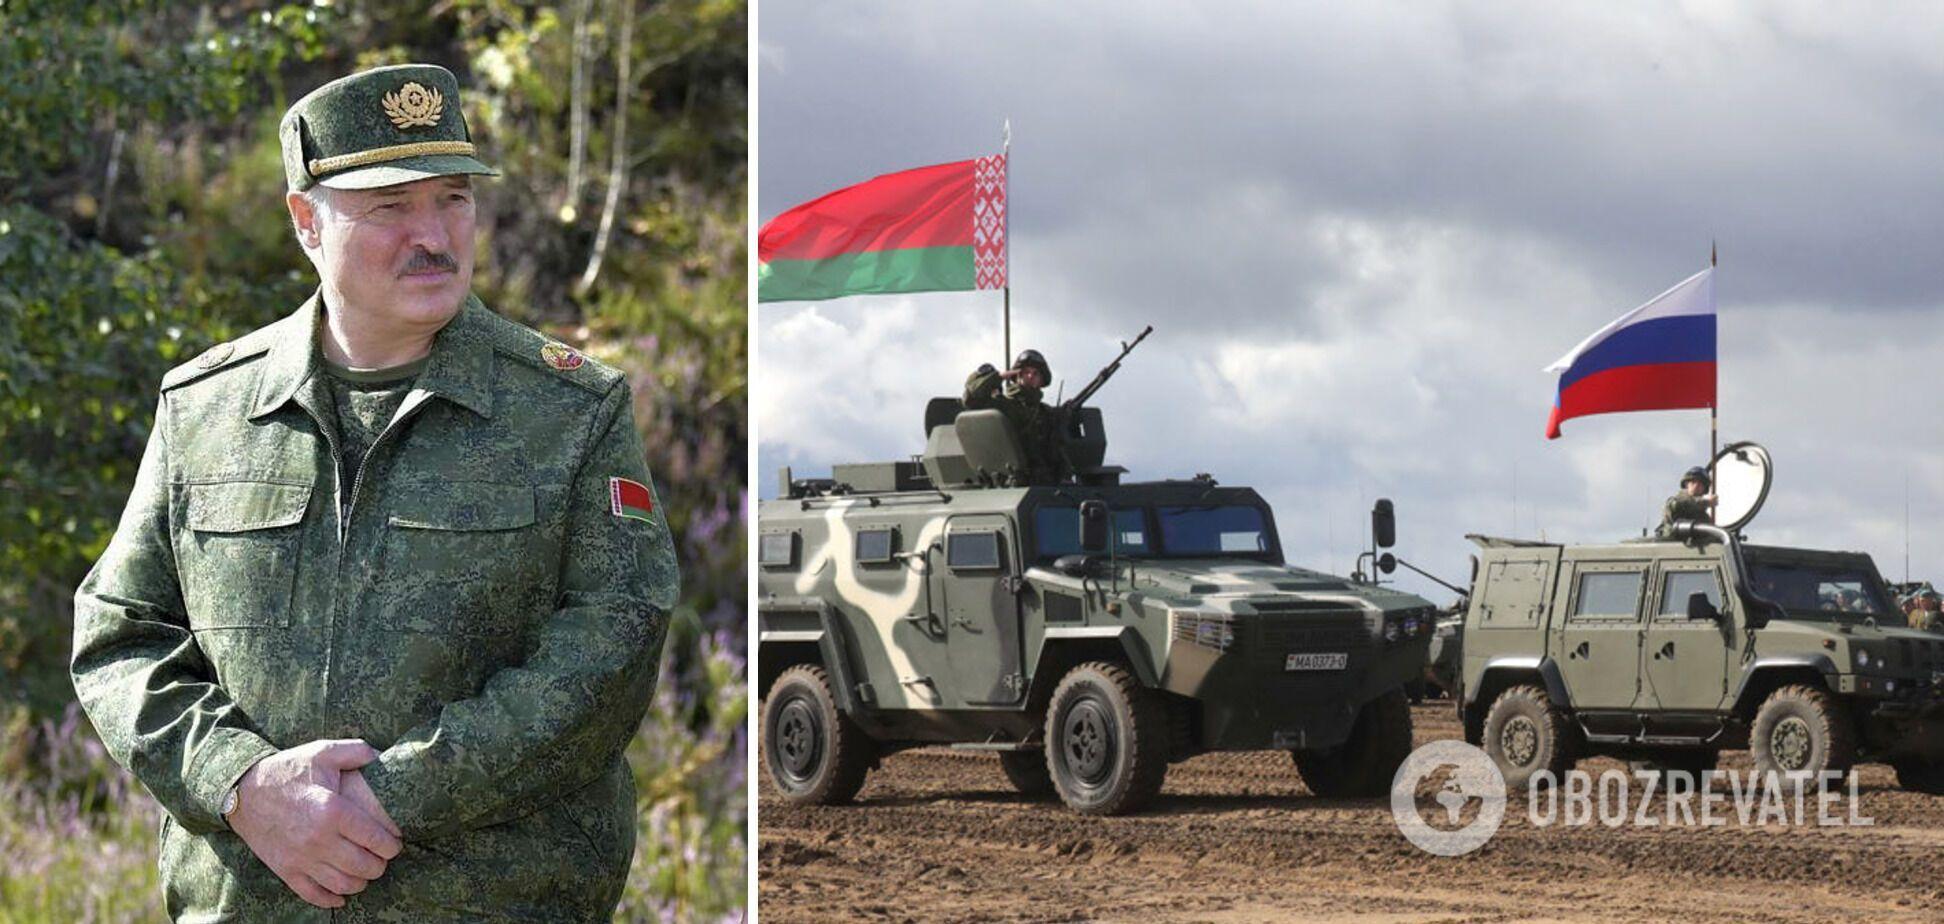 Лукашенко заявил, что Беларусь не нуждается в размещении на ее территории военных баз РФ